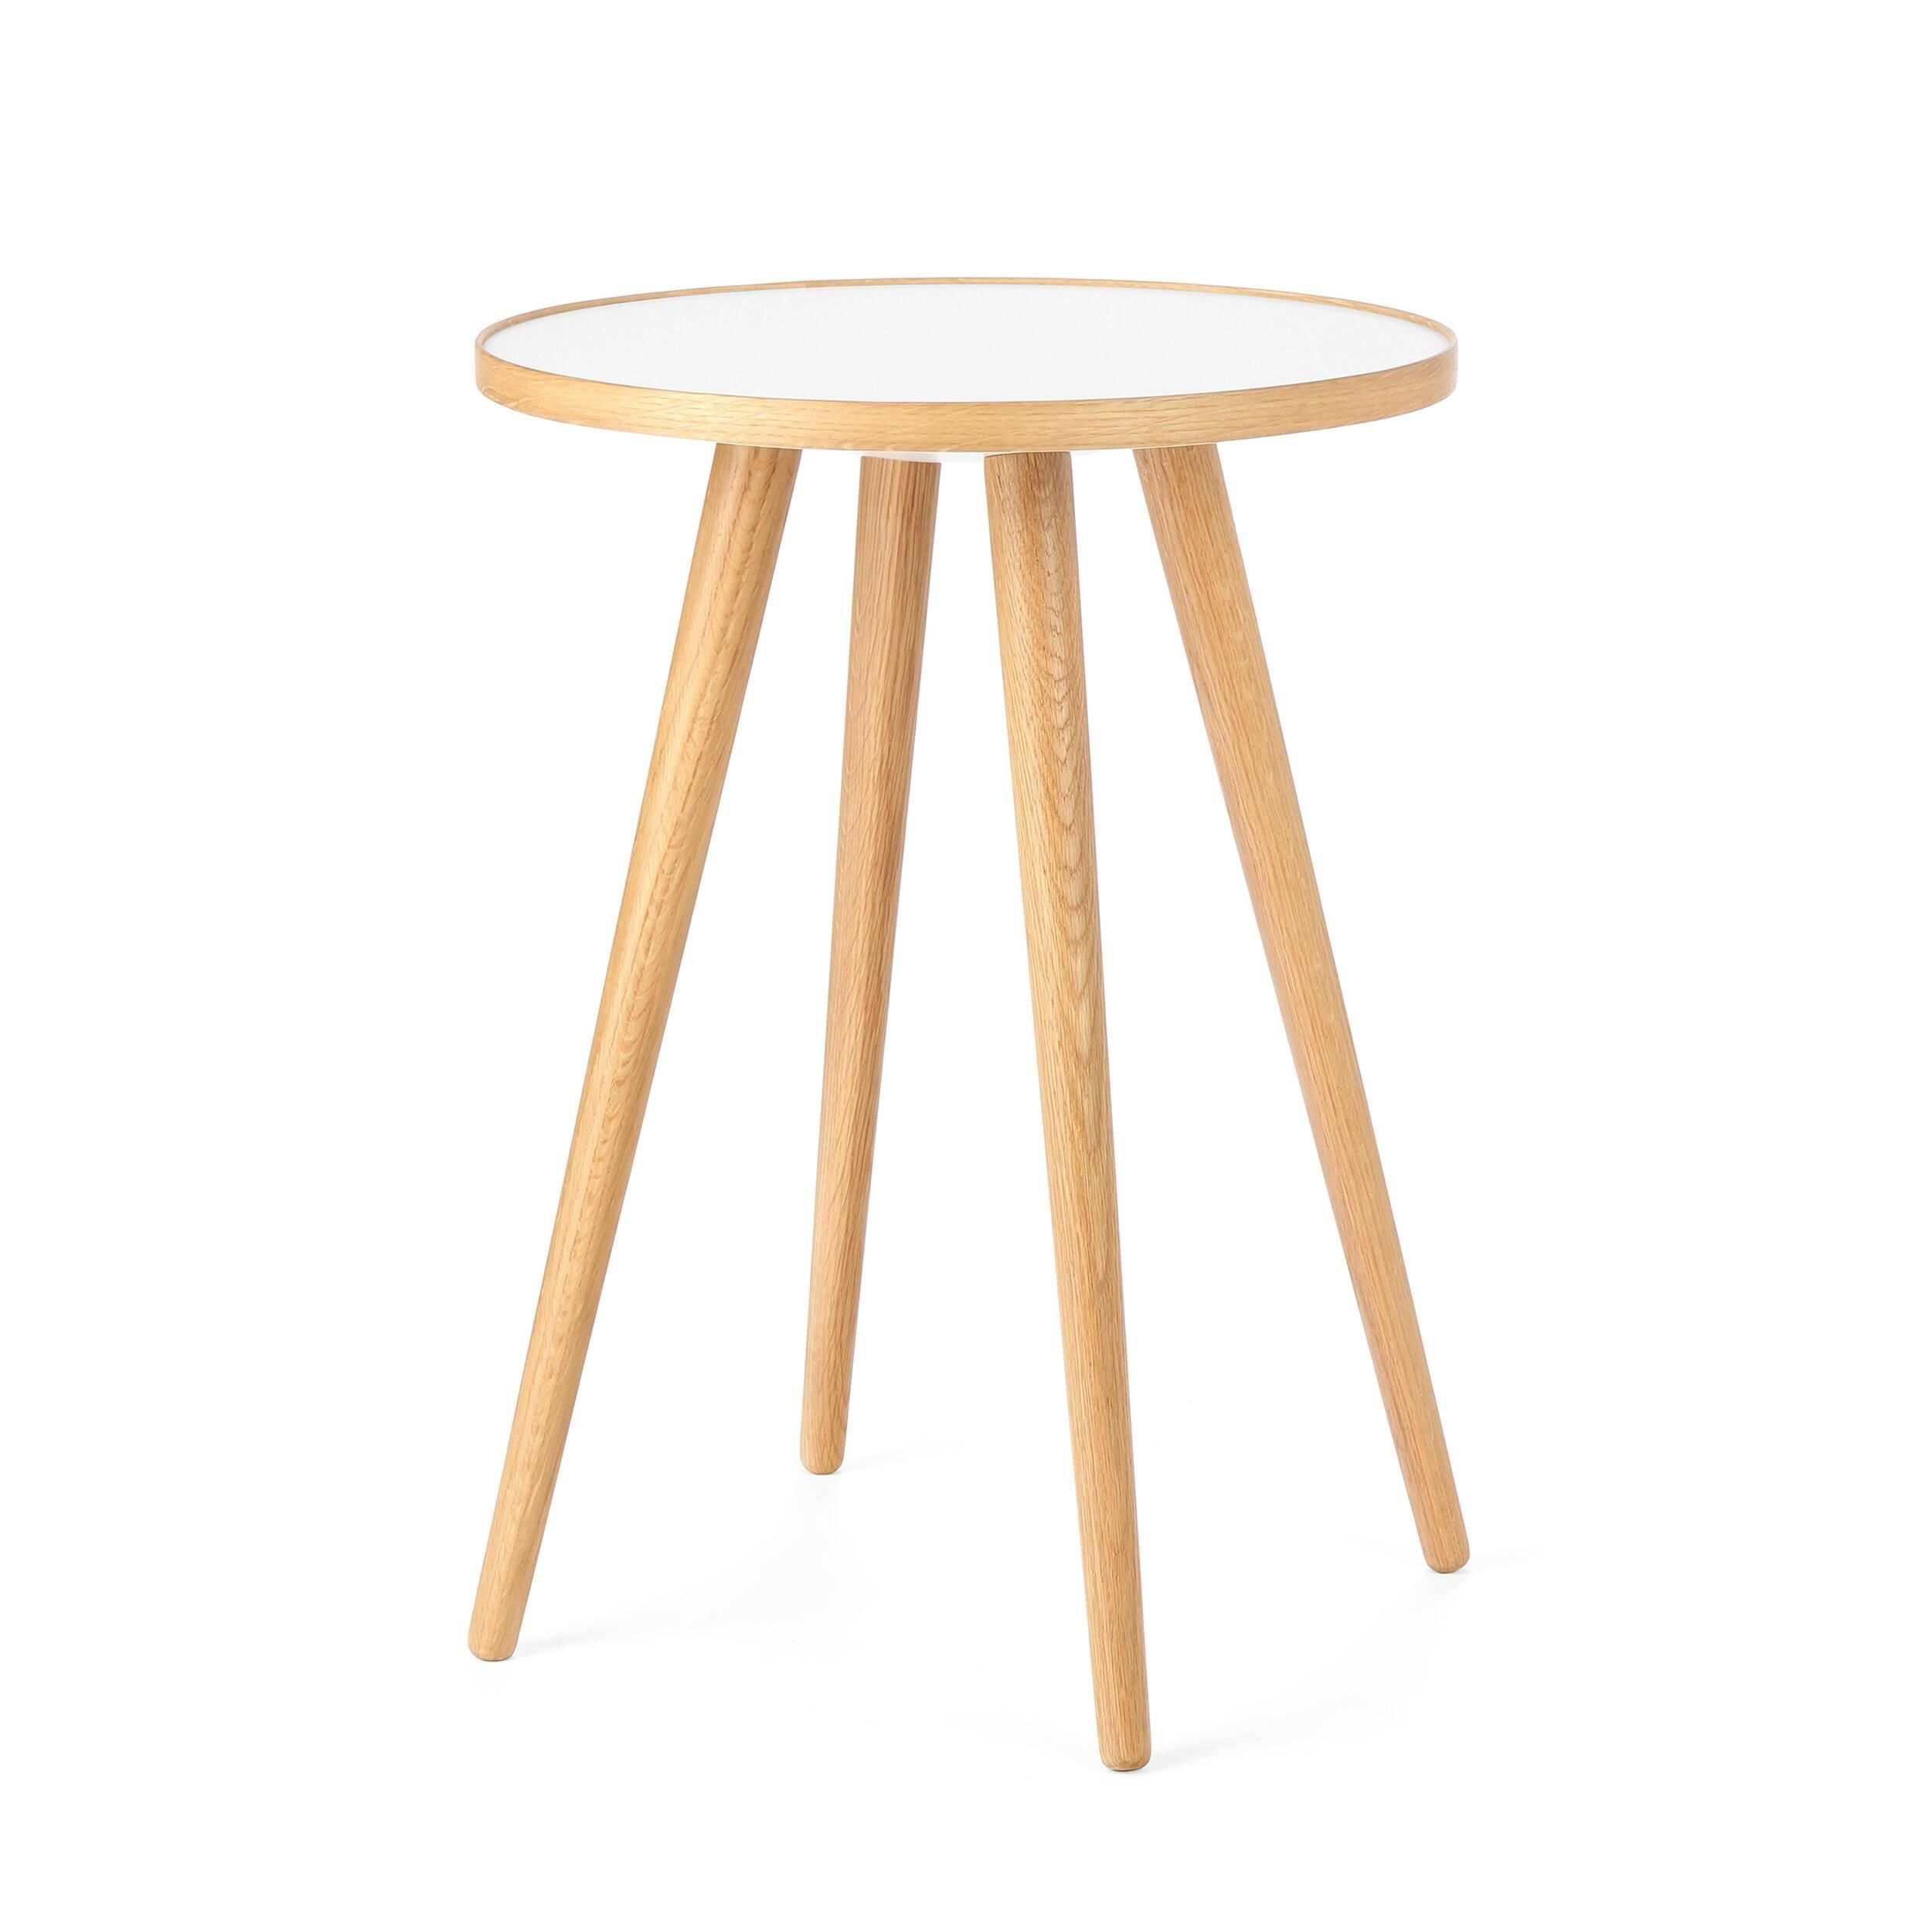 Кофейный стол Sputnik высота 55 диаметр 41Кофейные столики<br>Дизайнерский кофейный стол Sputnik (Спутник) (высота 55 диаметр 41) с пластиковой столешницей на четырех ножках от Cosmo (Космо).<br><br><br> Кофейный стол Sputnik высота 55 диаметр 41 имеет четыре длинные устойчивые ножки и небольшую круглую столешницу. Его разработал американский дизайнер и архитектор мирового уровня Шон Дикс. Столик сделан из качественной древесины американского ореха, что делает его достаточно прочным  и долговечным. Столешница  покрыта меламином, благодаря чему устойчива к н...<br><br>stock: 6<br>Высота: 55<br>Диаметр: 40,6<br>Цвет ножек: Светло-коричневый<br>Цвет столешницы: Белый<br>Материал ножек: Массив дуба<br>Тип материала столешницы: Пластик<br>Тип материала ножек: Дерево